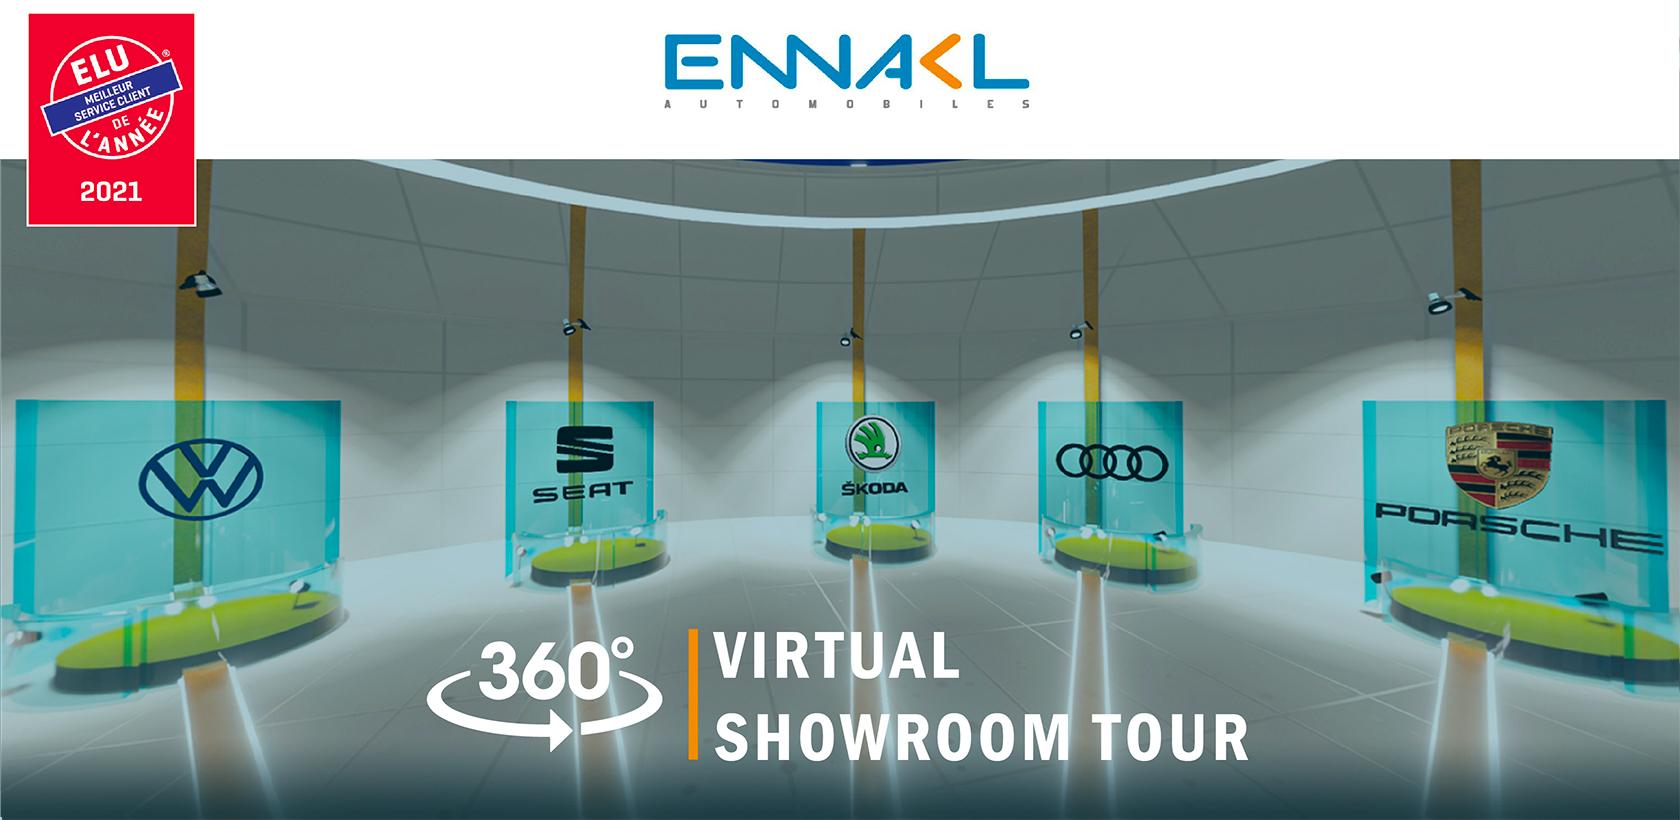 Ennakl Automobiles élu Meilleur Service Client de l'année 2021